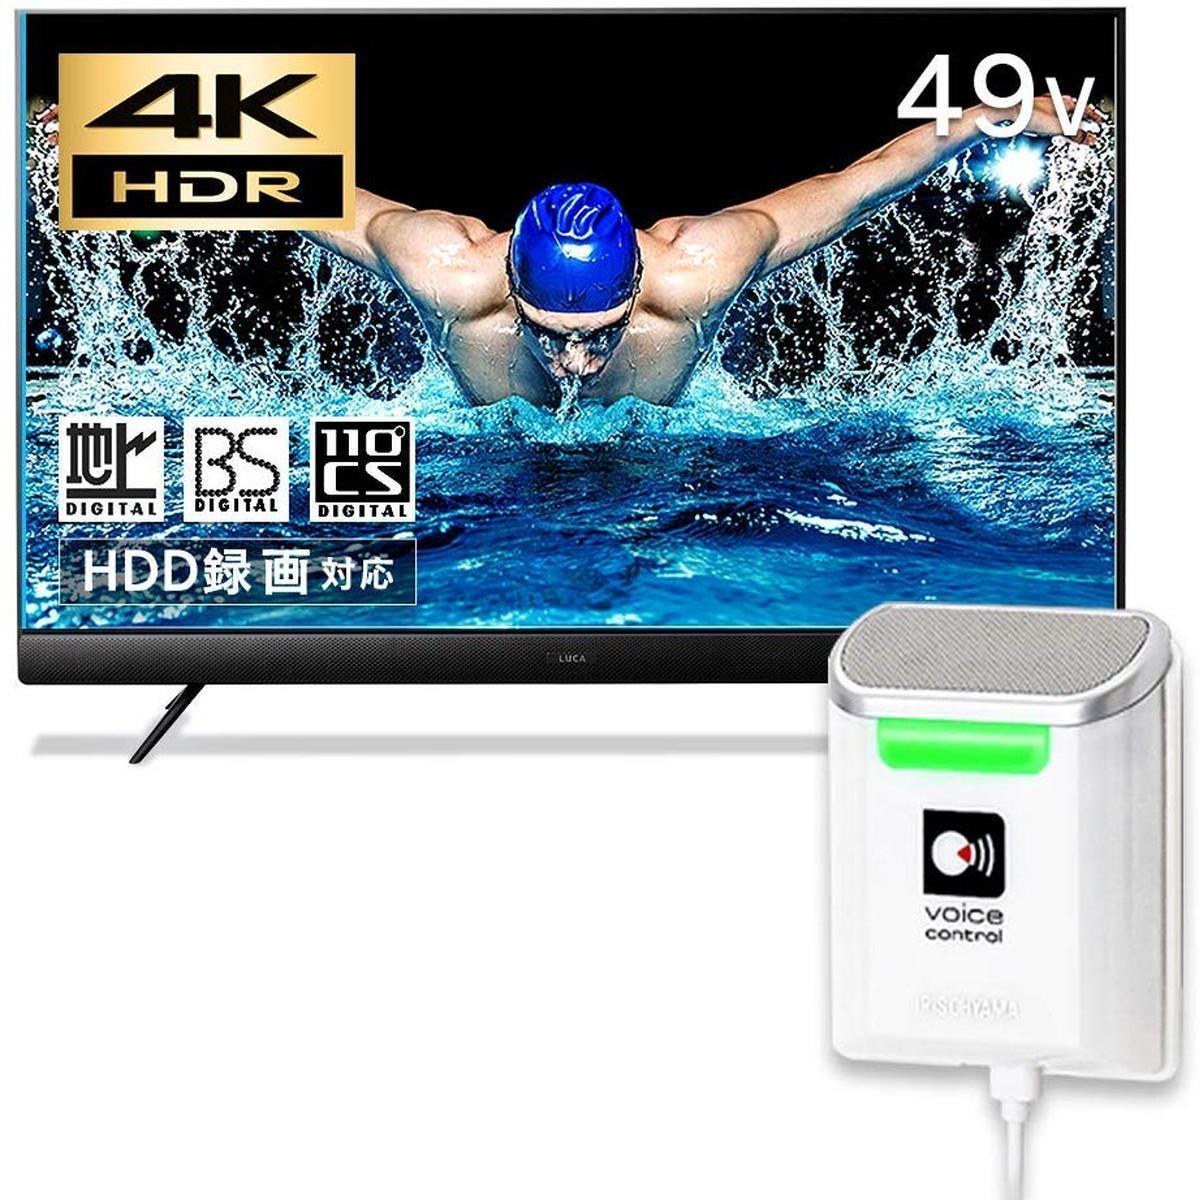 【I】アイリスオーヤマ 音声操作 4K対応液晶テレビ 49V型 ブラック LUCA 49UB28VC